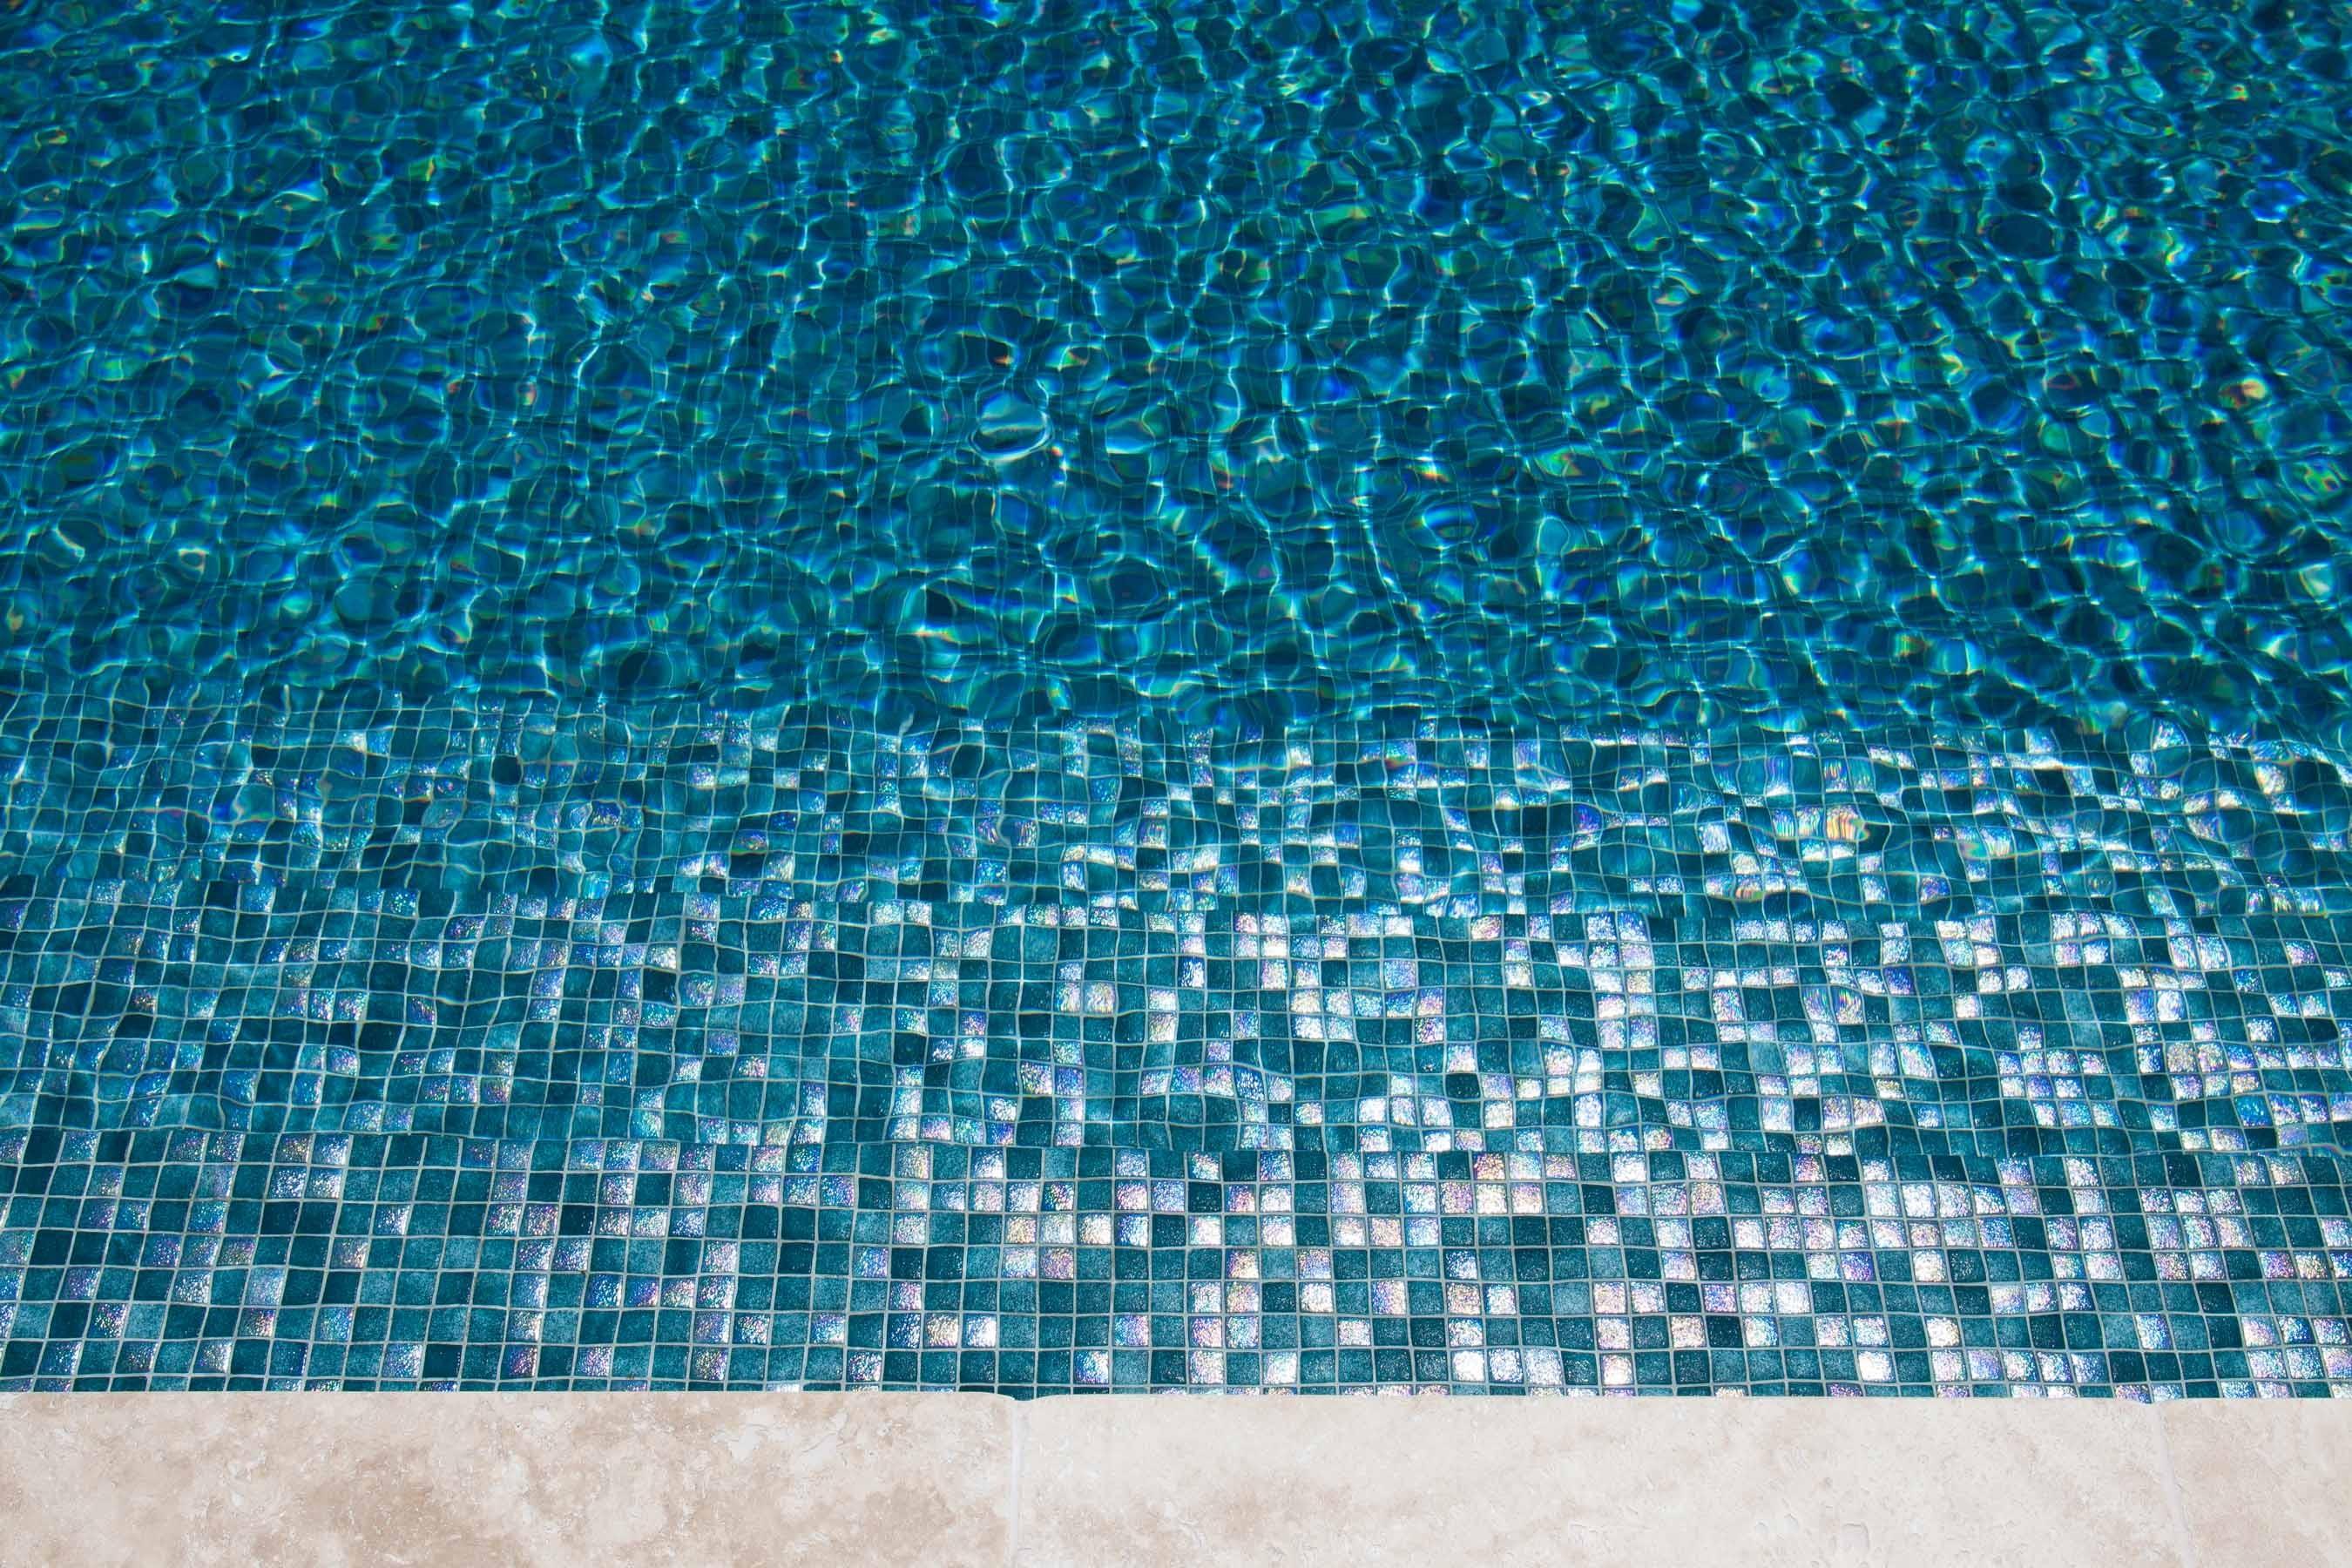 Pool-Tiles Gallery Australian lizard-01